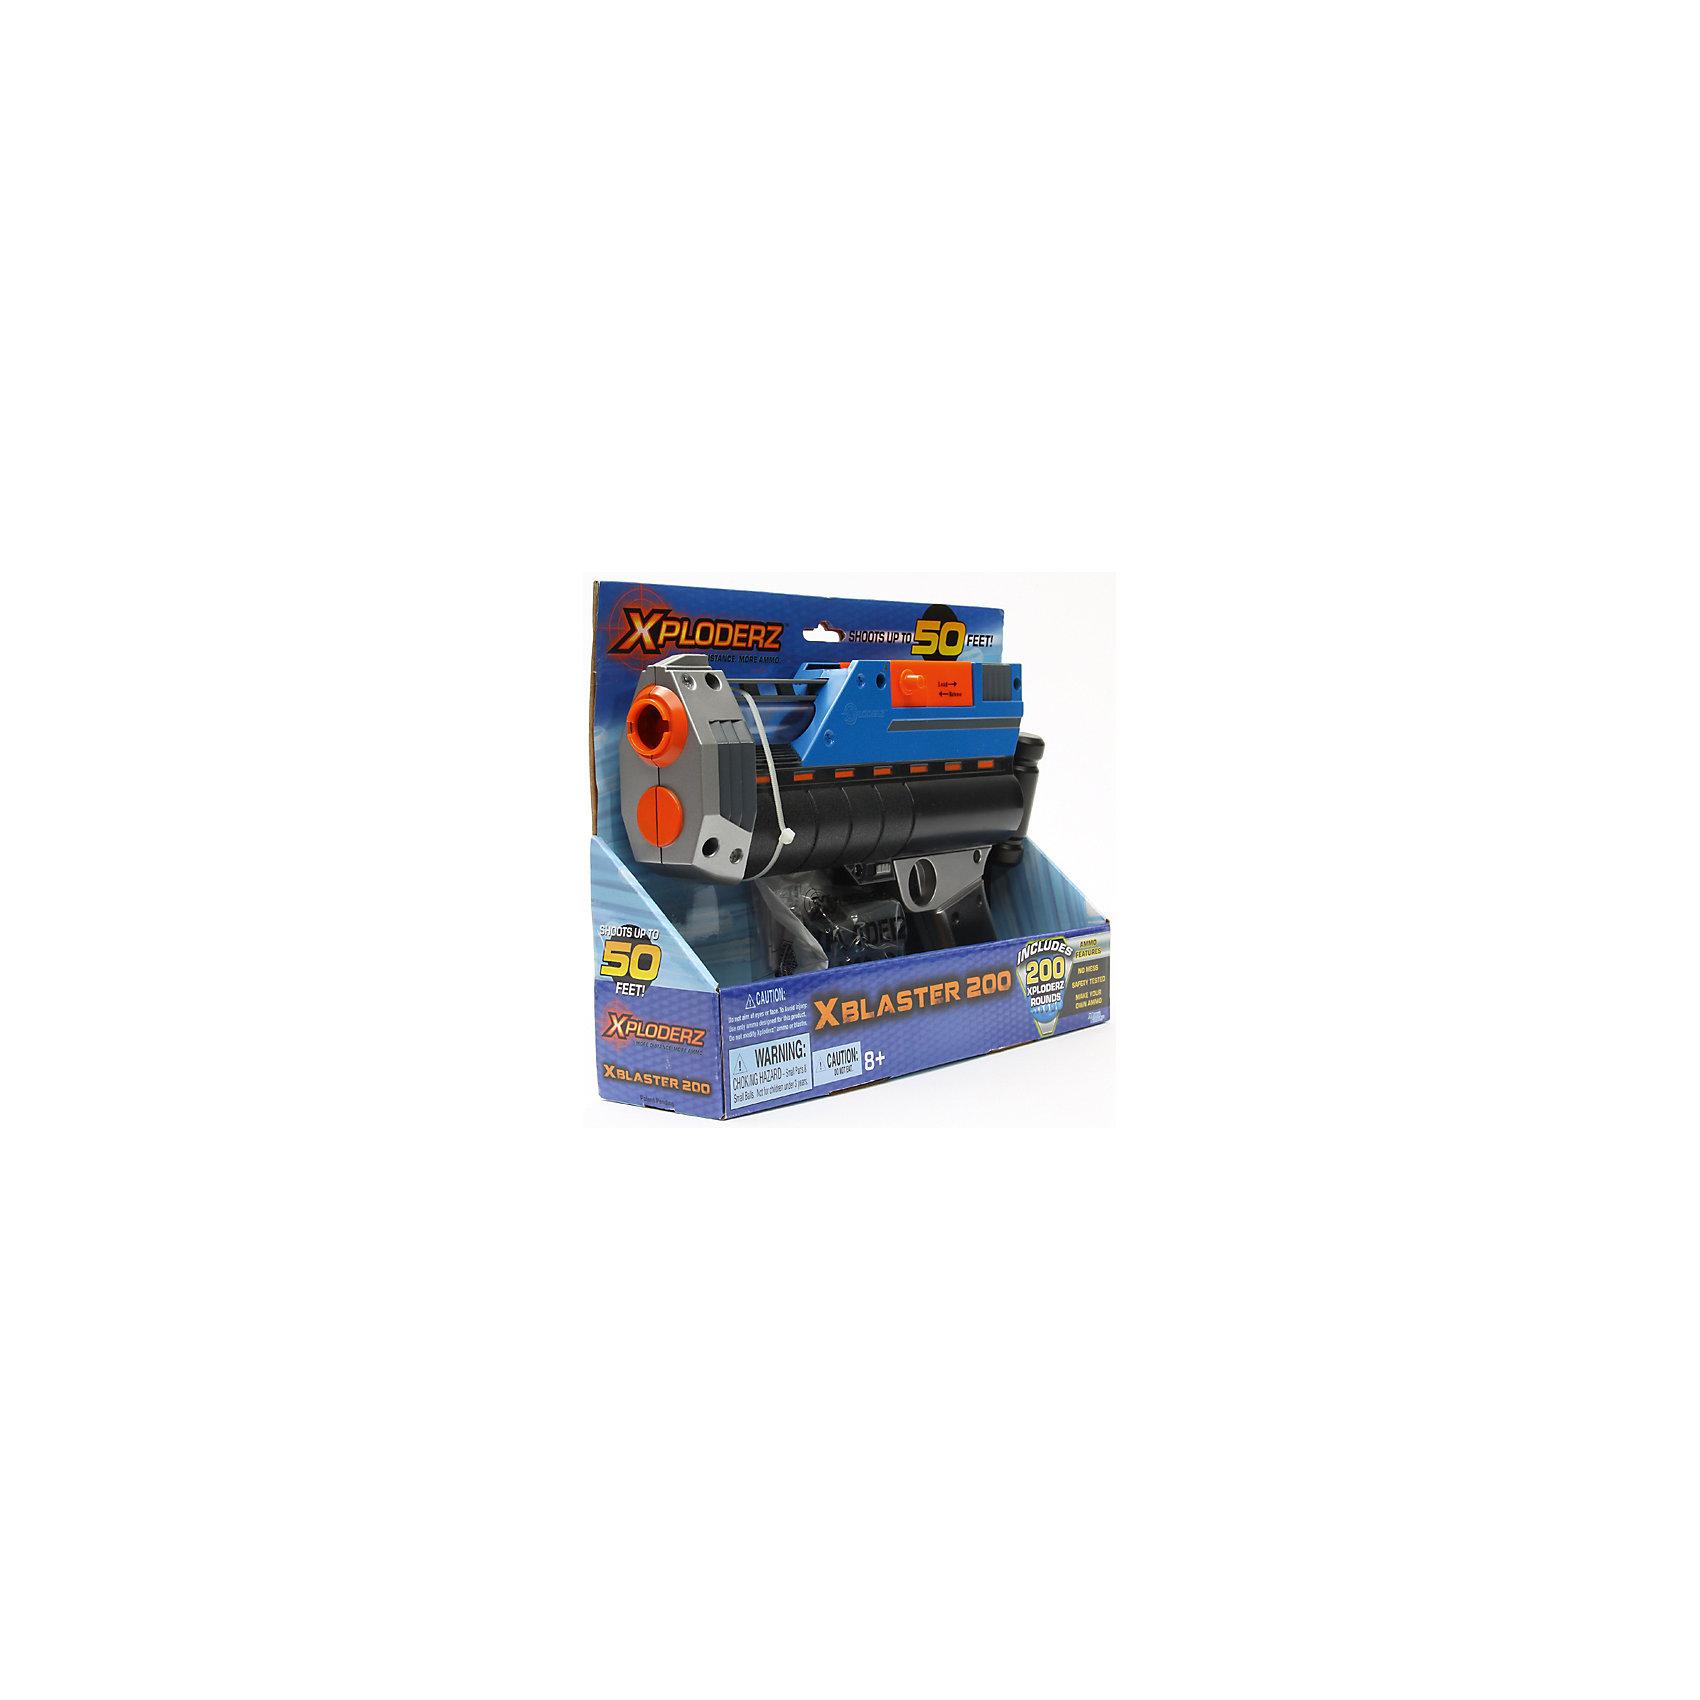 Бластер X 200, XPLODERZАмериканская компания Maya Group представляет вашему вниманию инновационное и  уникальное оружие для детей - Бластер X 200, XPLODERZ. С ним ваш ребенок сможет представить себя настоящим воином и будет чувствовать себя уверенно в любой игре. Бластер выполнен из разноцветного прочного пластика, может стрелять на расстояние до 15 метров. Набор включает в себя как пульки, так и заготовки для снарядов. Поместите маленькие и твердые заготовки для зарядов в обойму или магазин. С добавлением воды они увеличатся в размере и станут упругими. Заряды для бластера представляют собой небольшие гелевые шарики, состоящие из воды и полимера. При попадании  в какую-либо поверхность пульки отскакивают от нее или же рассыпаются на частички, не повреждая и не пачкая. Игра с бластером не только интересная и захватывающая, она тренирует меткость, ловкость и координацию; дети придумывают различные сюжетные игры, что помогает в формировании воображения, стимулирует ребенка к физической активности. <br><br>Дополнительная информация:<br><br>- Материал: пластик, полимер<br>- Размер обоймы: 7х7х3,5 см.<br>- Размер бластера: 30х19х4 см. <br>- Дальность стрельбы: 15 м.<br>- Перезаряжается автоматически.<br>- Комплектация: бластер, обойма, 75 пулек, 200 заготовок, инструкция.<br><br>Бластер X 200, XPLODERZ можно купить в нашем магазине.<br><br>Ширина мм: 310<br>Глубина мм: 75<br>Высота мм: 325<br>Вес г: 500<br>Возраст от месяцев: 96<br>Возраст до месяцев: 168<br>Пол: Мужской<br>Возраст: Детский<br>SKU: 4046590